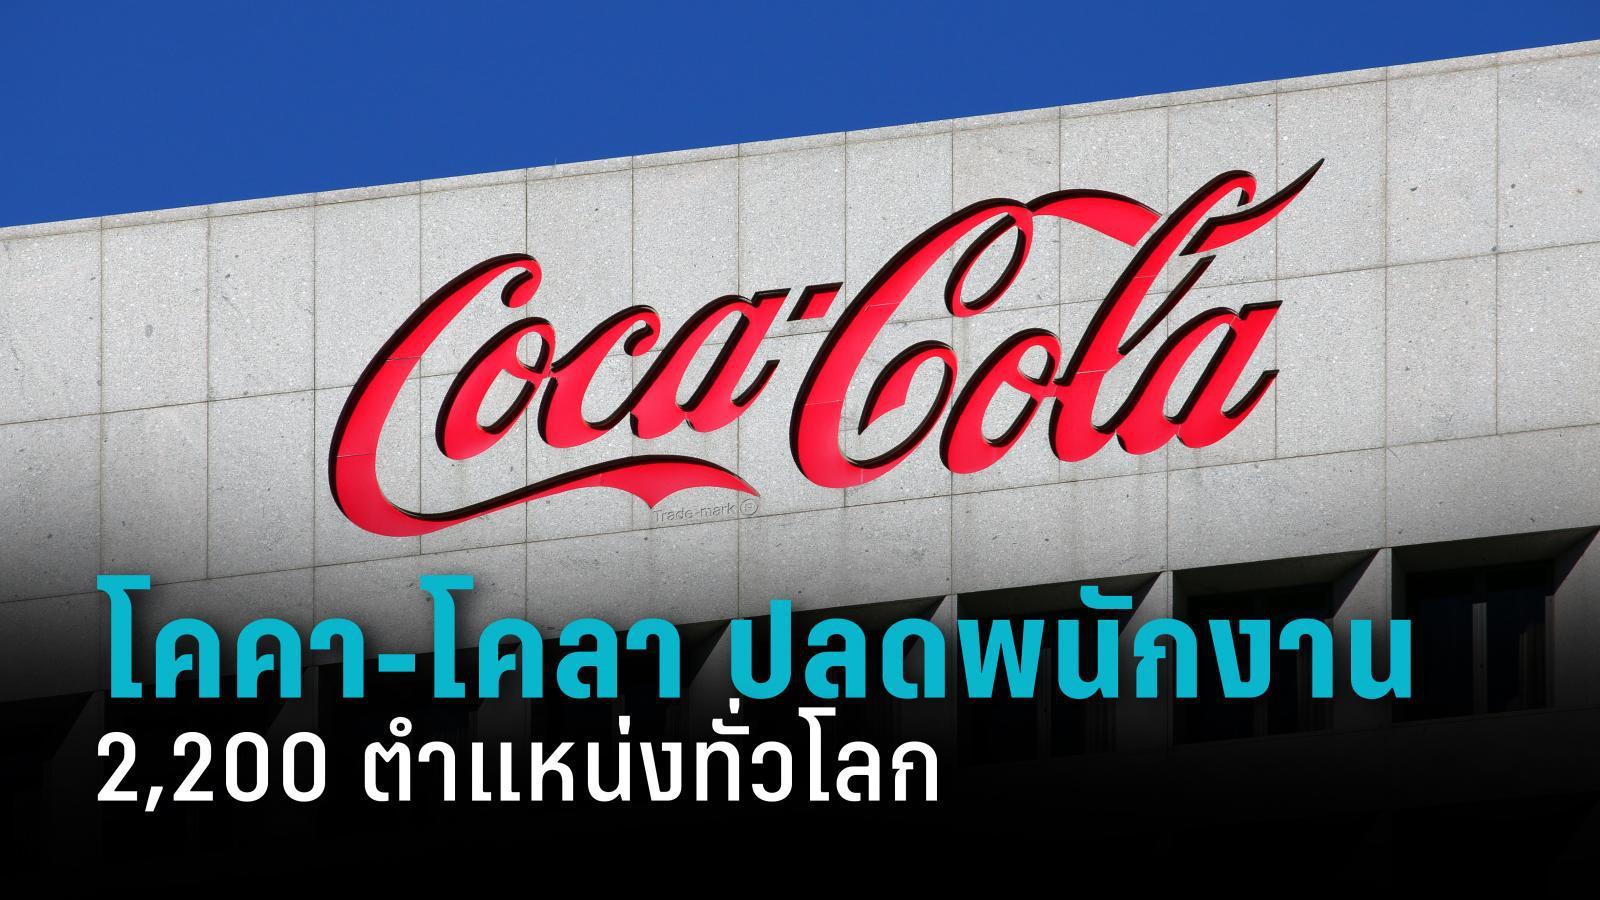 """""""โคคา-โคลา"""" จ่อปลดพนักงานทั่วโลก 2,200 ตำแหน่ง"""